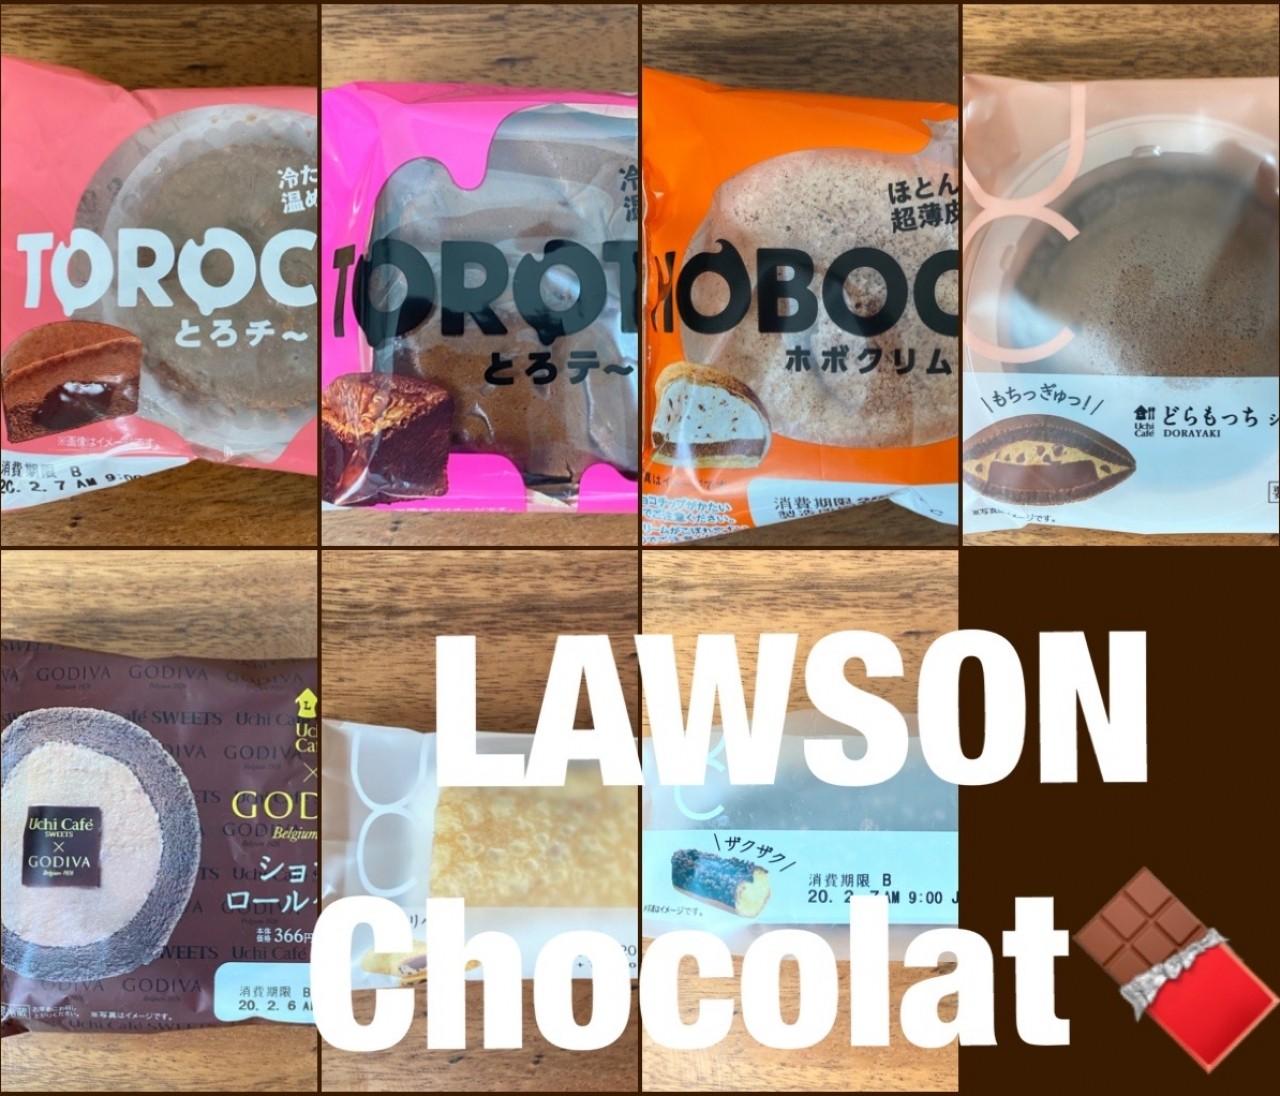 バレンタインだから♡【ローソン(LAWSON)】超人気コンビニスイーツ7選が期間限定でチョコレート仕様に!